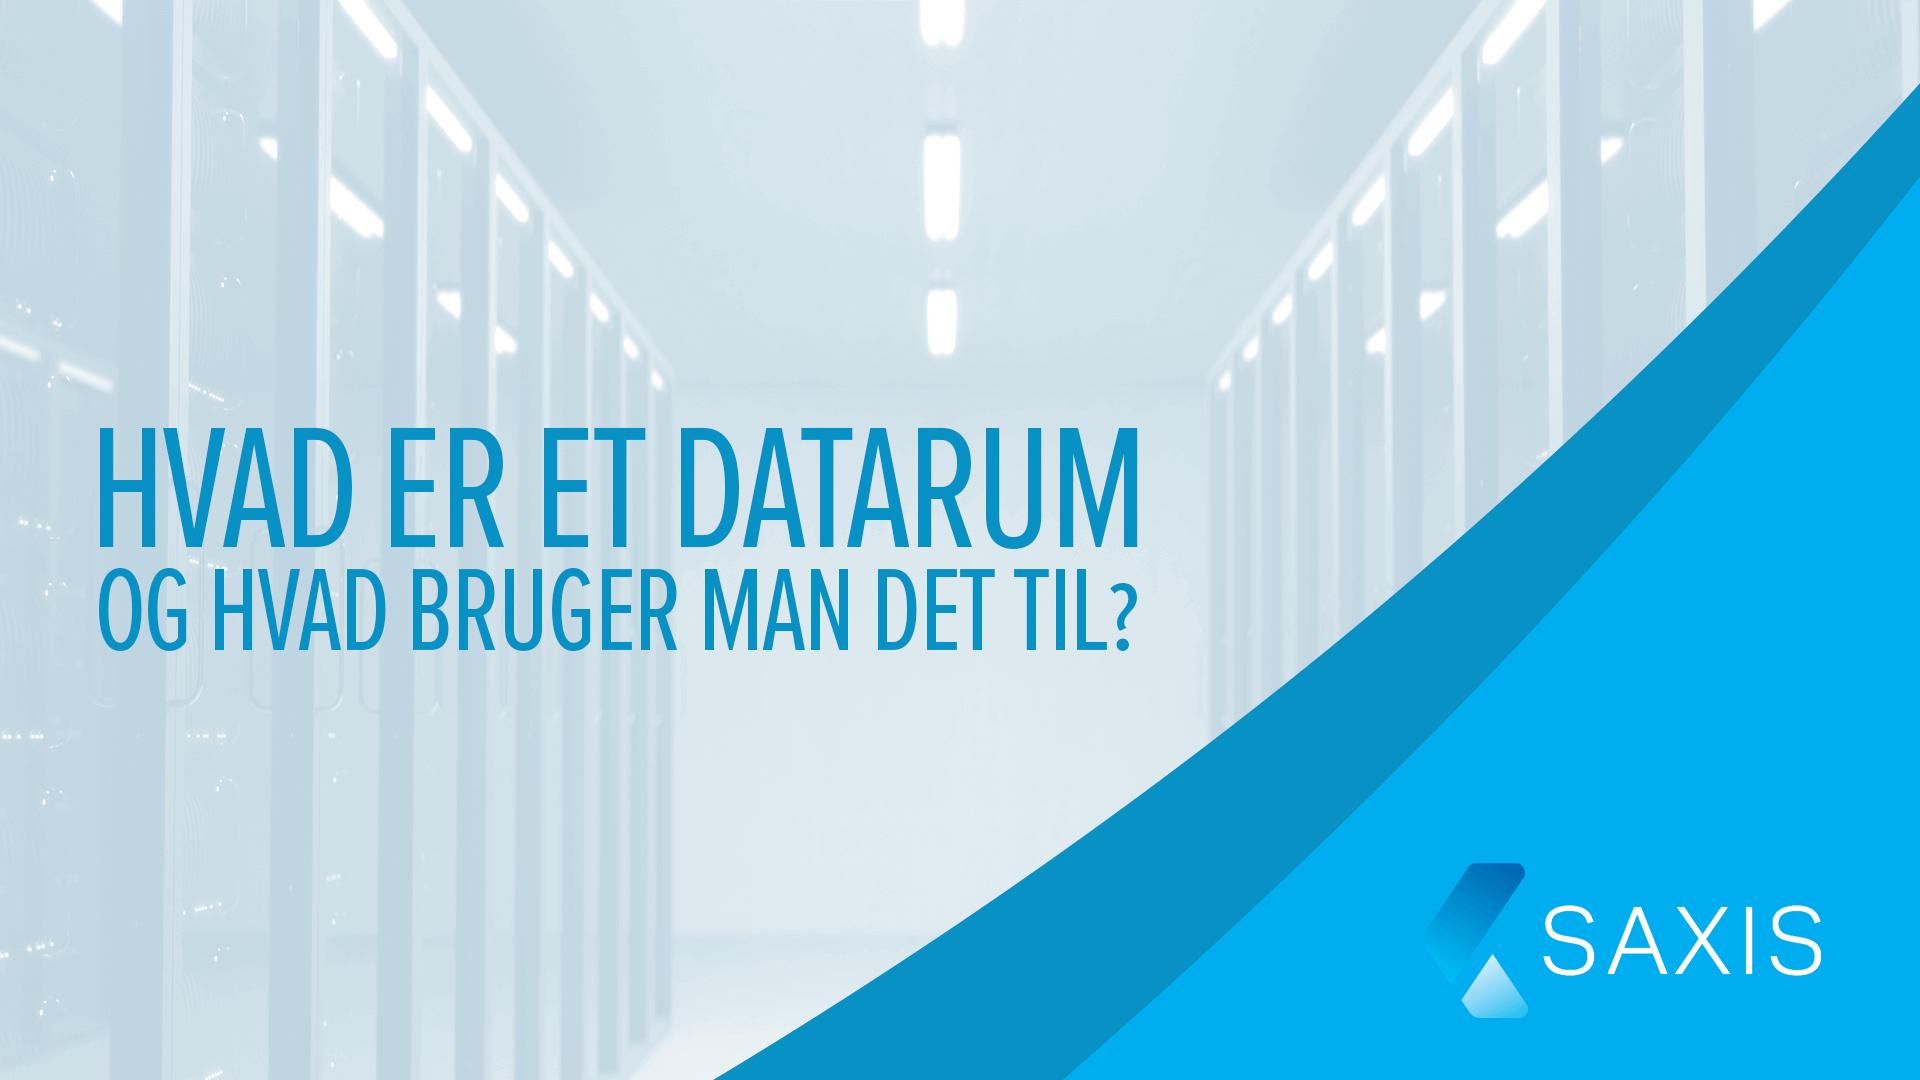 Hvad er et datarum og hvad bruger man det til?